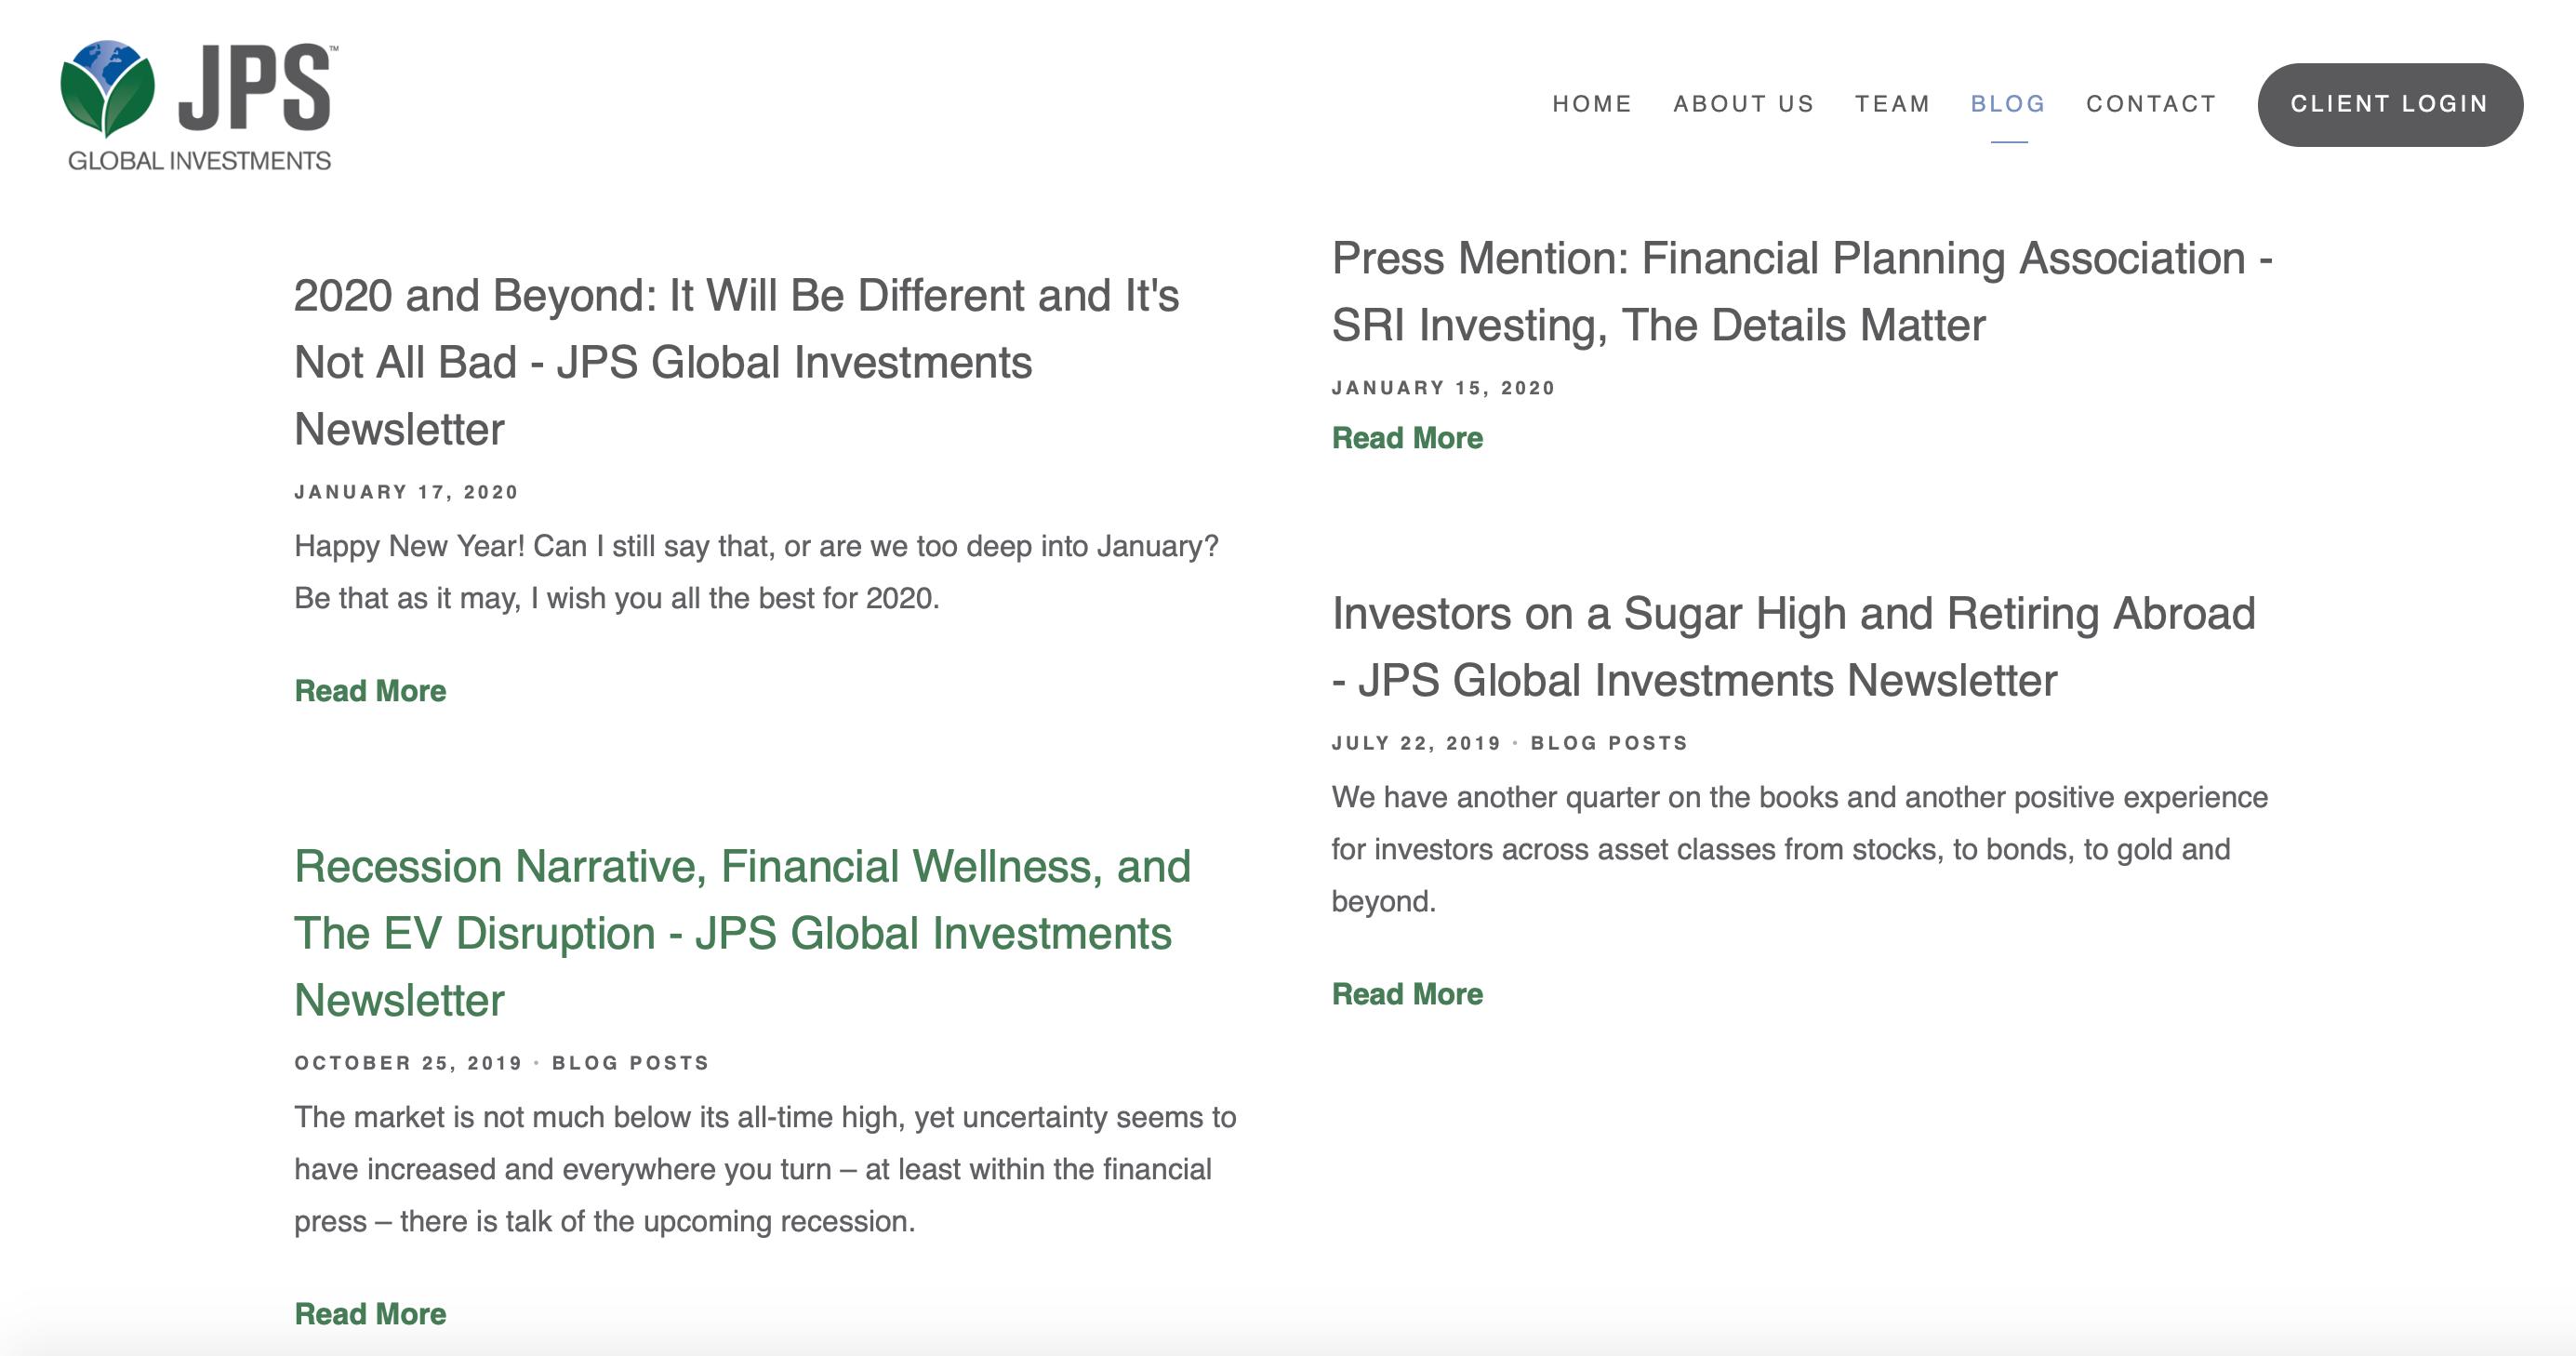 JPS Global Investments Blog